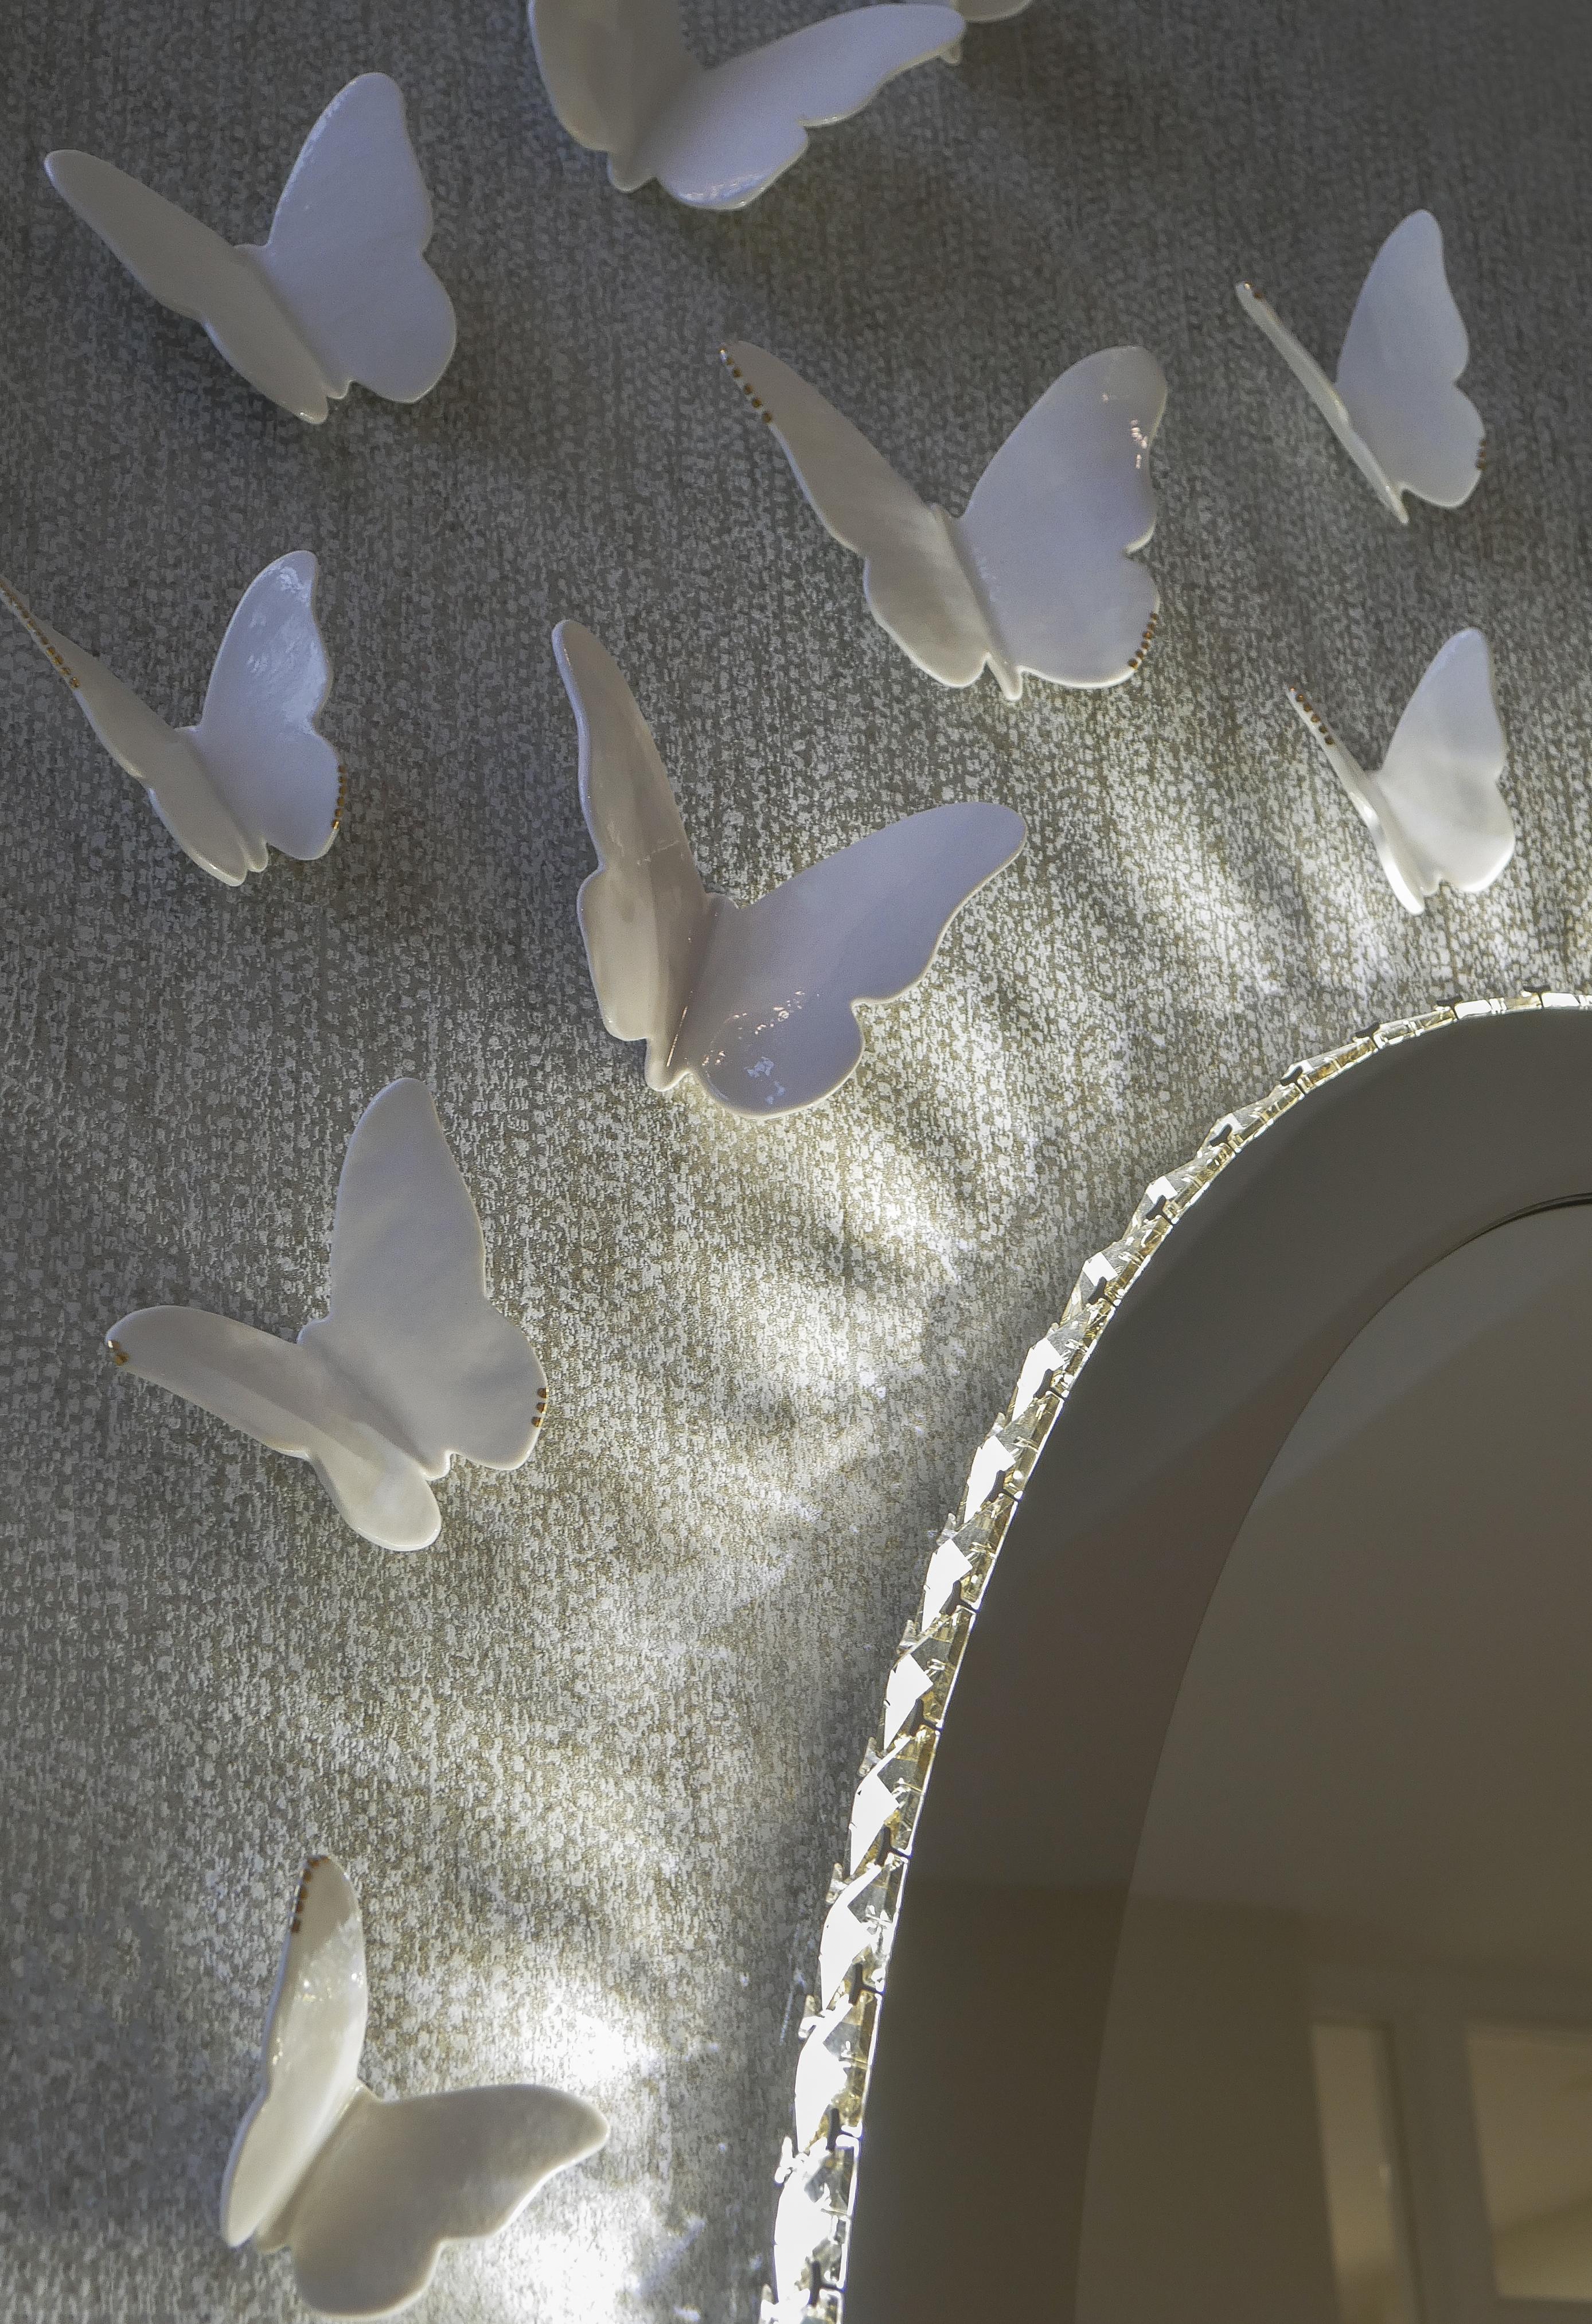 Porcelain Butterflies art instalatio